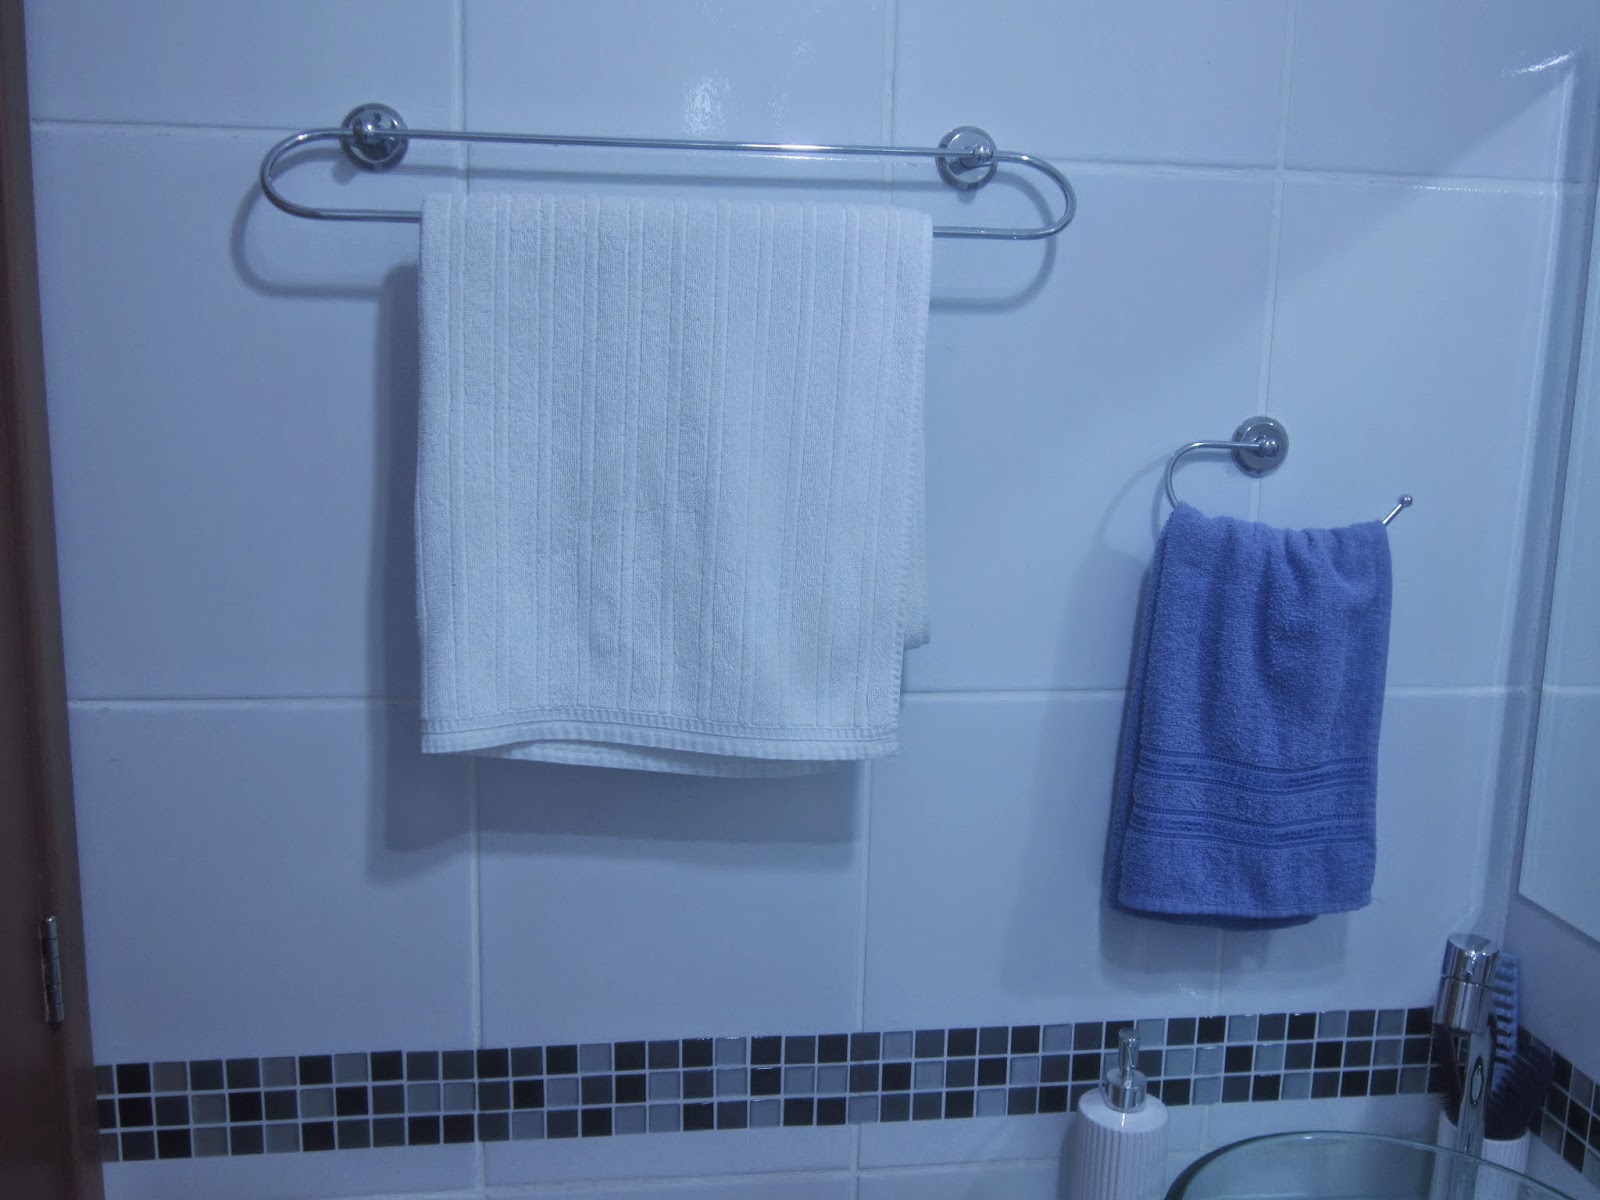 Cafofo Sonhado: Decorando banheiros pequenos: 2 banheiros 2m² cada  #395892 1600x1200 Banheiro Com Luz Azul